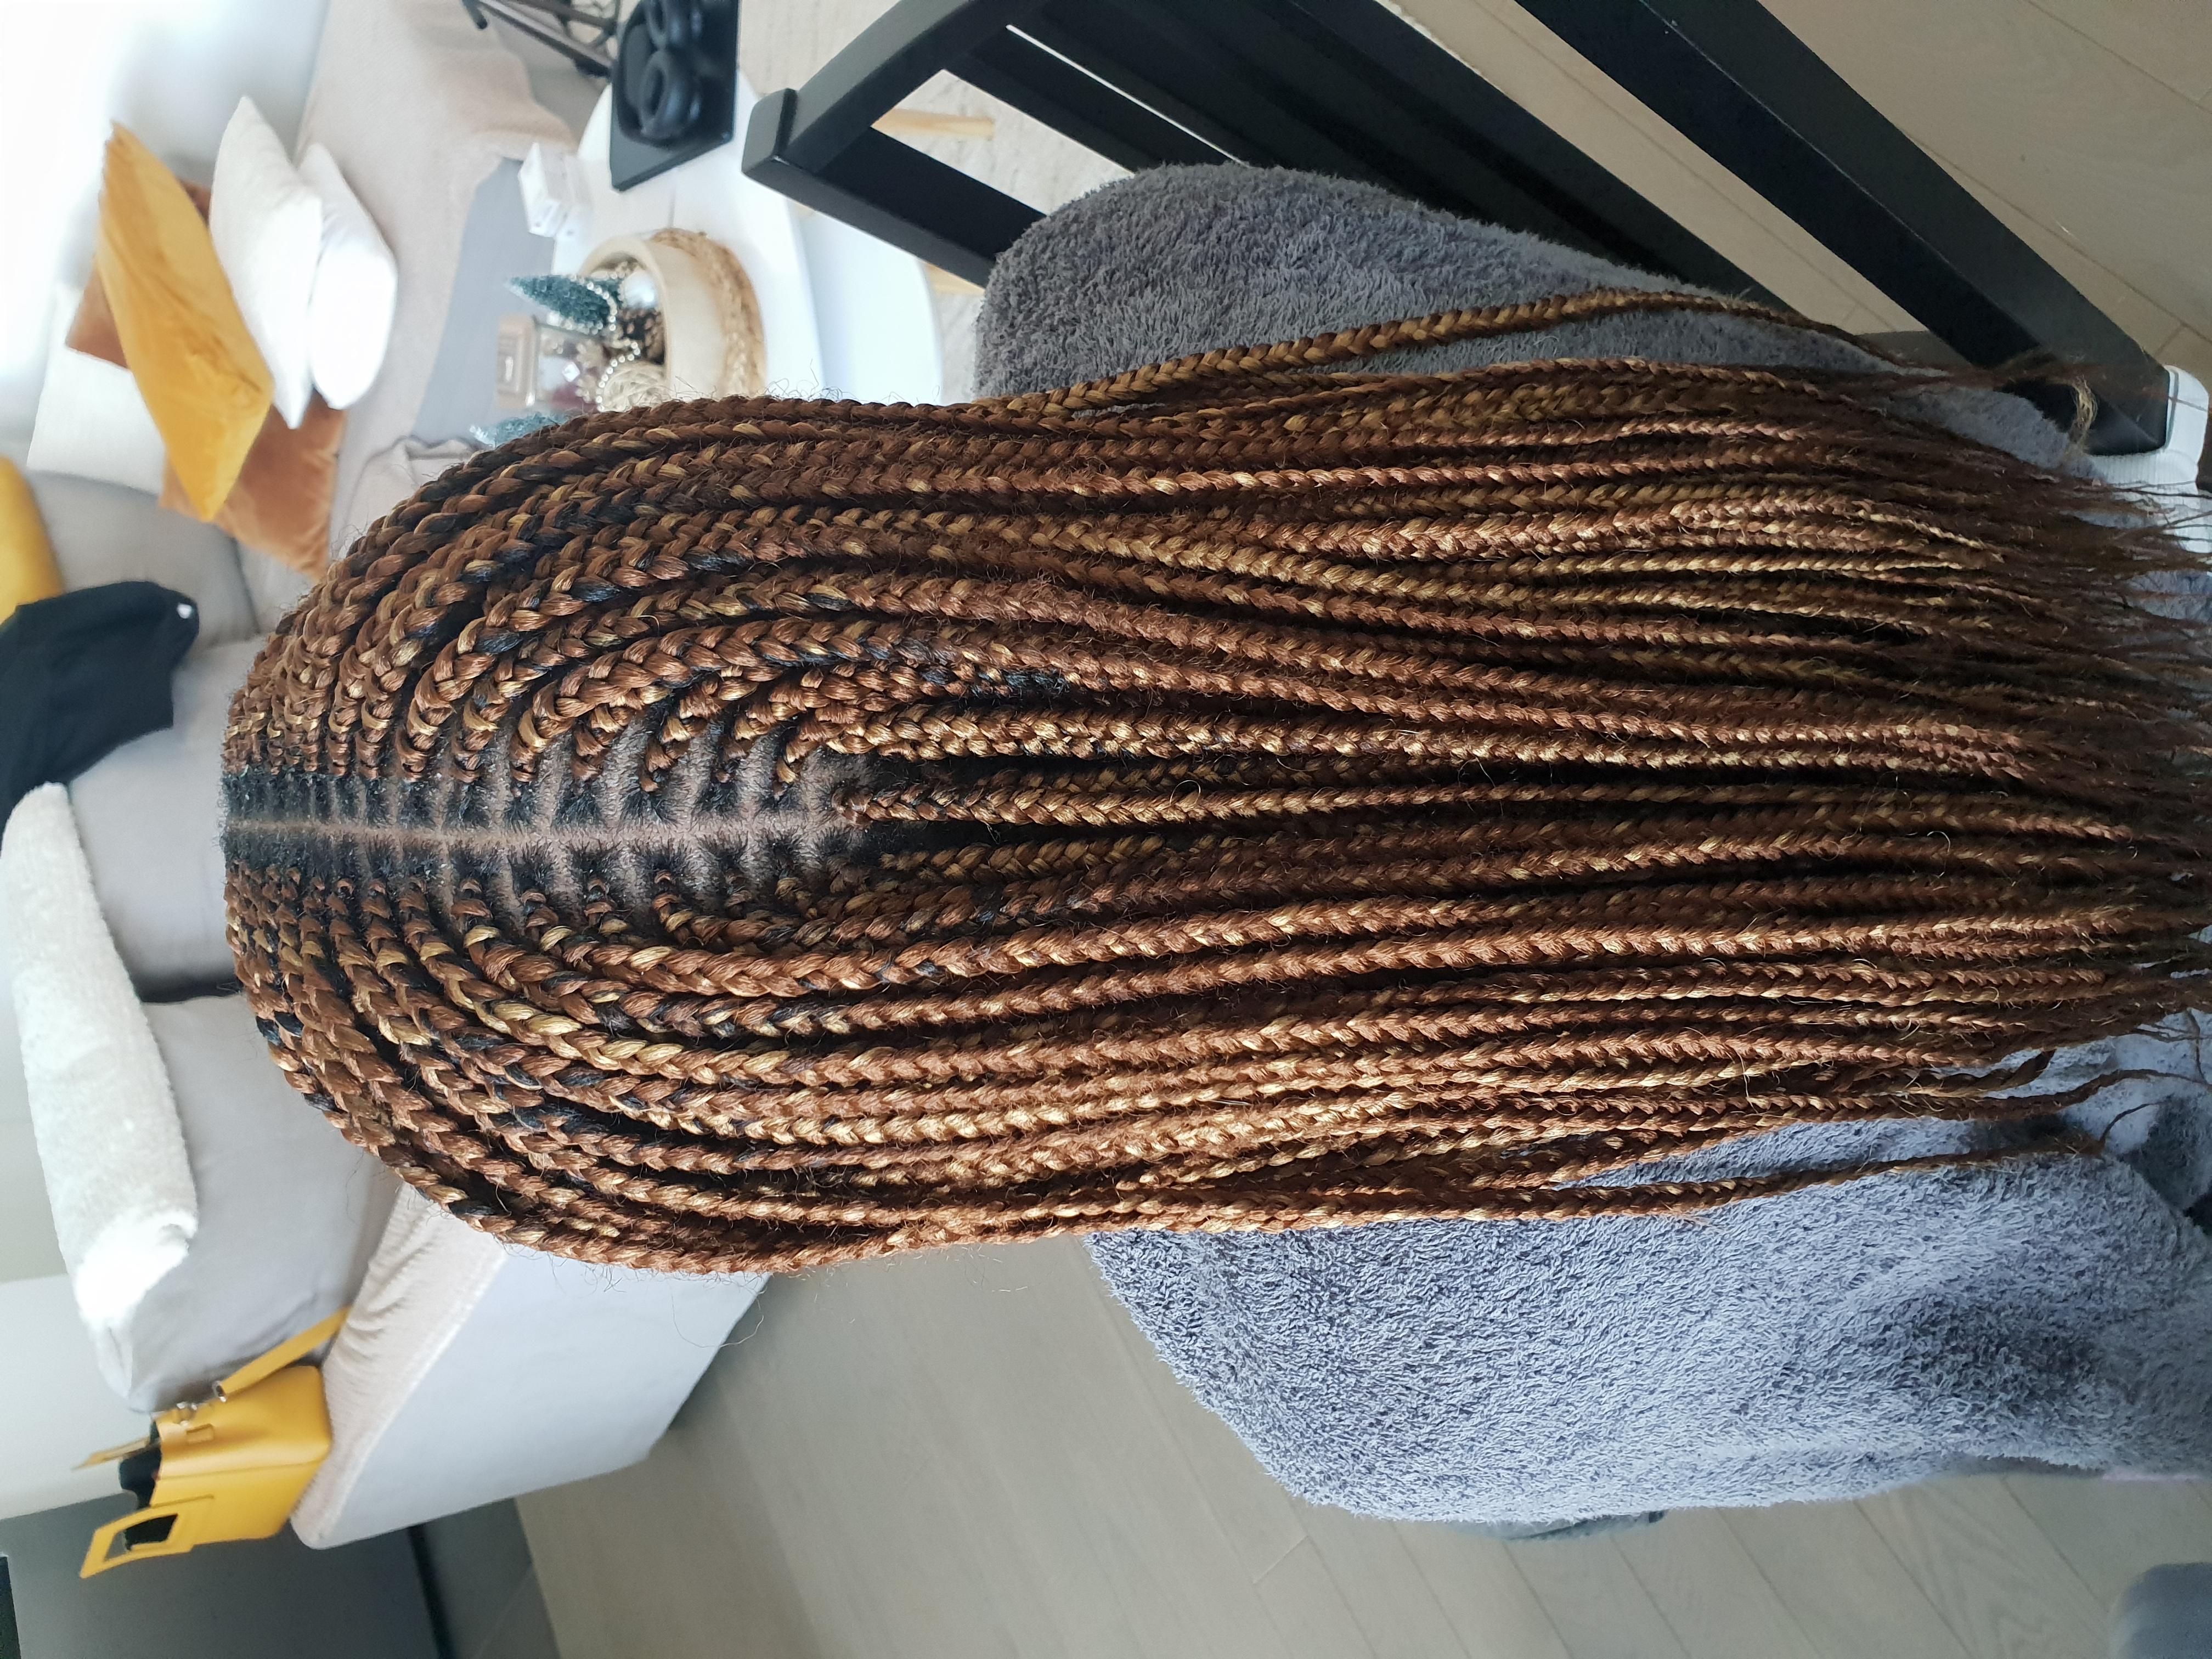 salon de coiffure afro tresse tresses box braids crochet braids vanilles tissages paris 75 77 78 91 92 93 94 95 IOKZXTTG